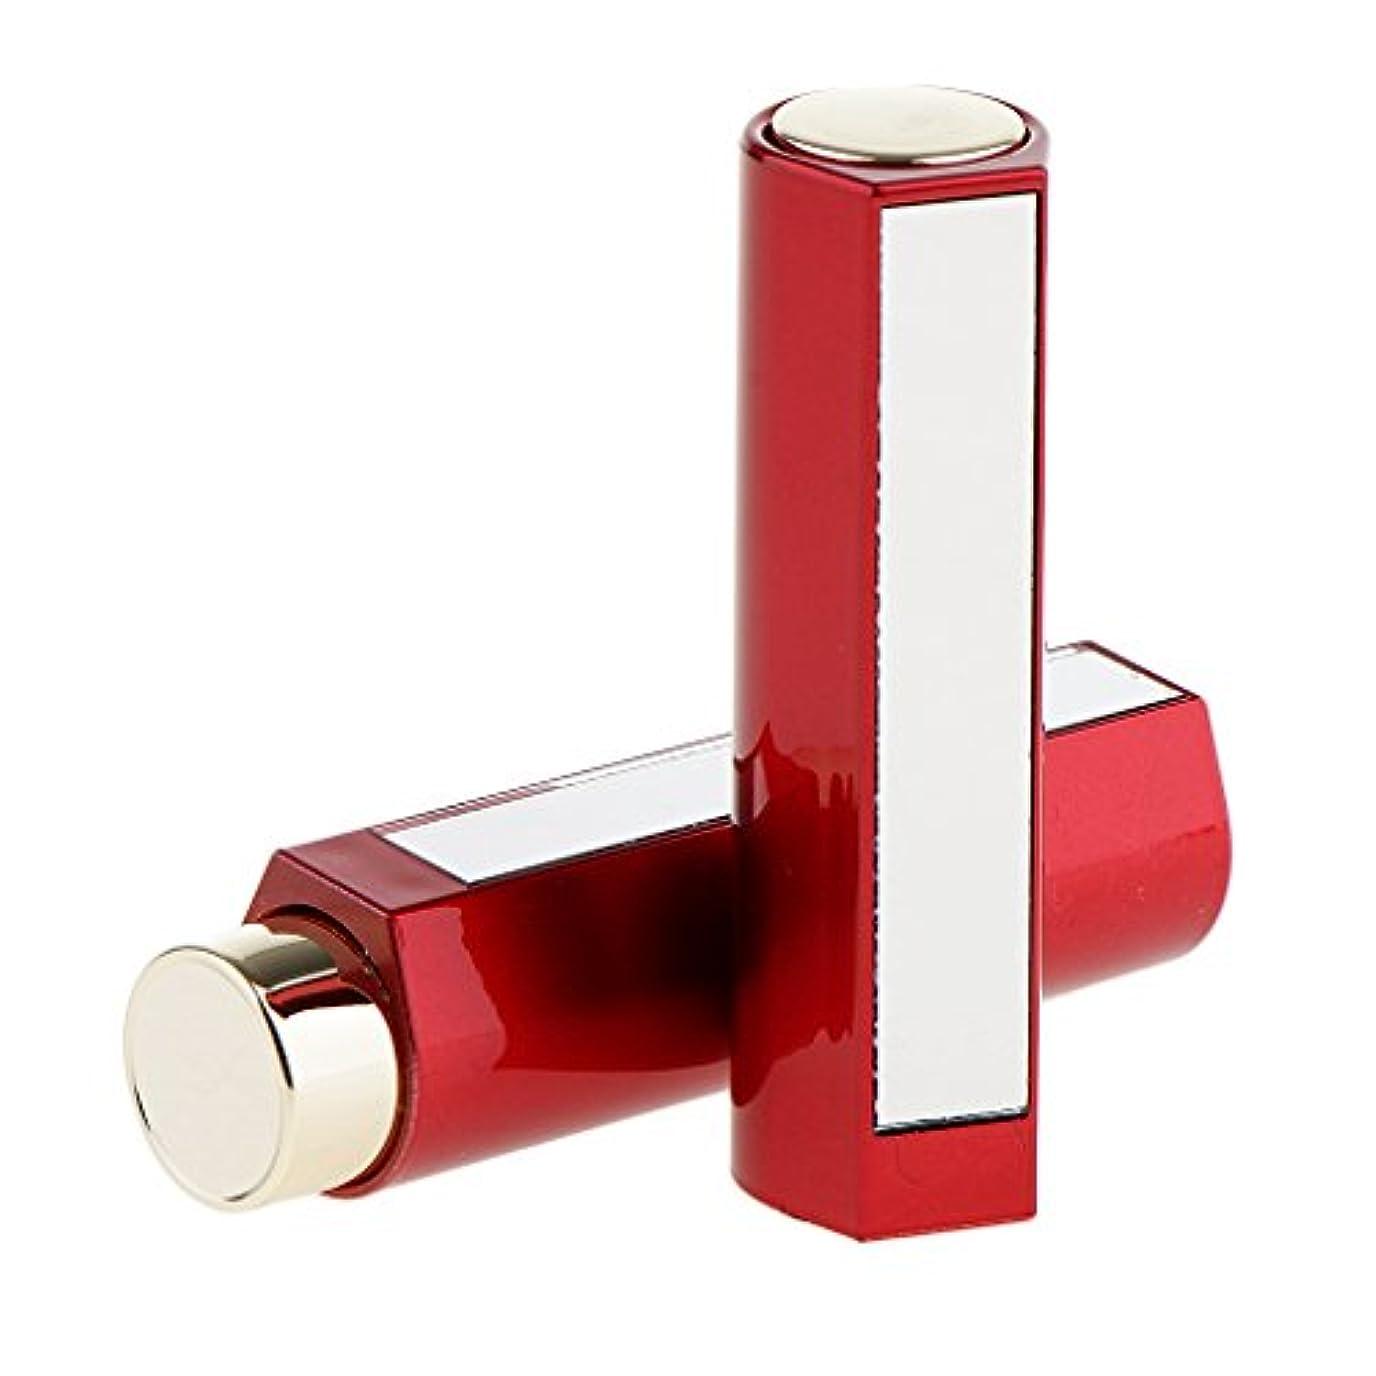 霊この郵便物2本 空チューブ リップスティックチューブ 12.1MM口紅チューブ用 口紅チューブ リップクリーム DIY プラスチック製 2色選べる - 赤